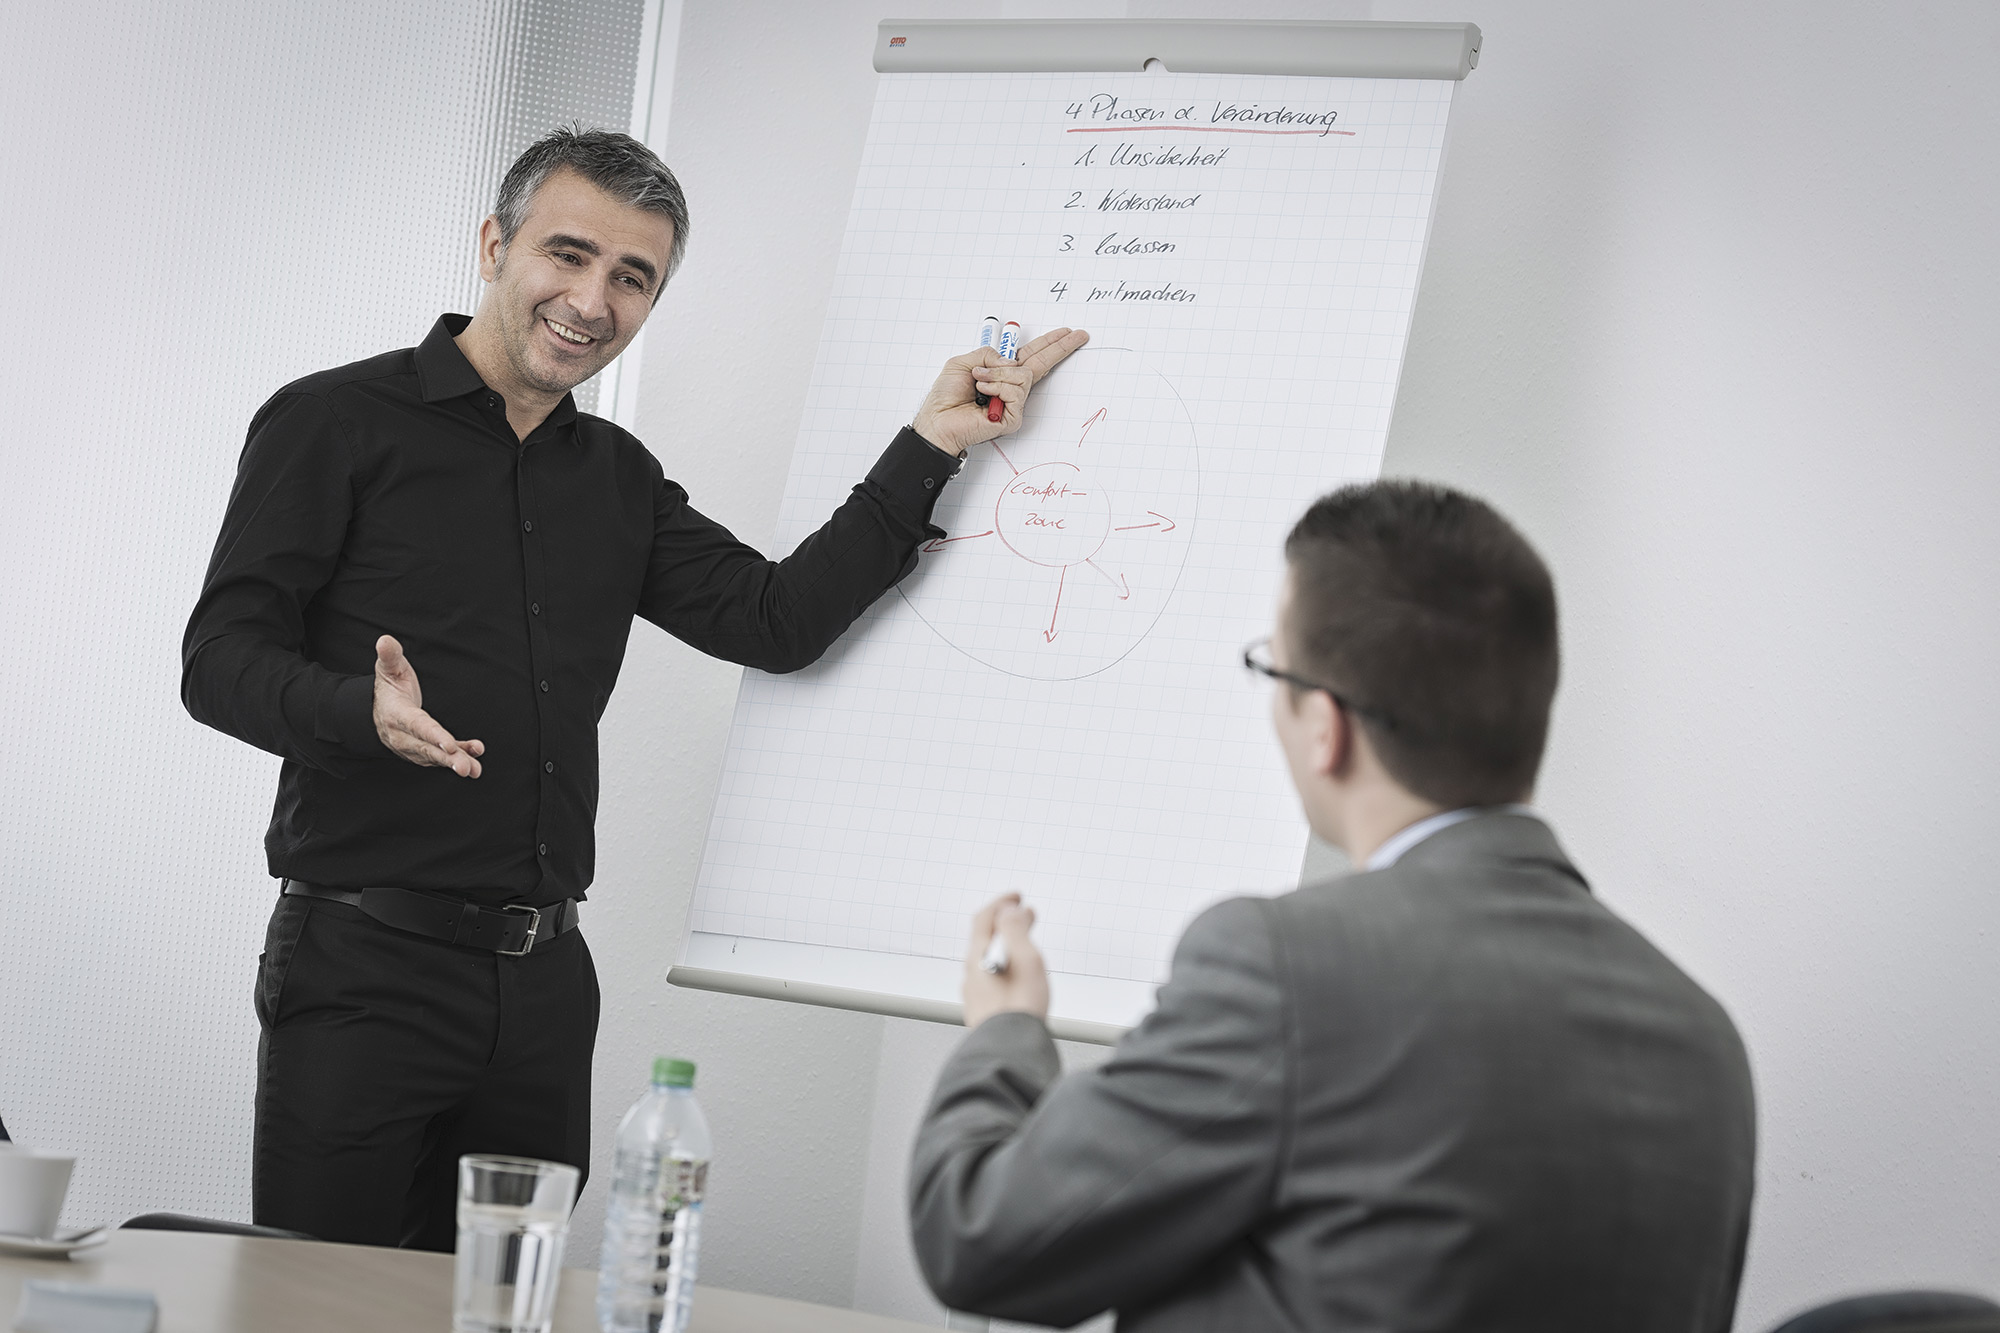 TAN CONSULTING - Coaching